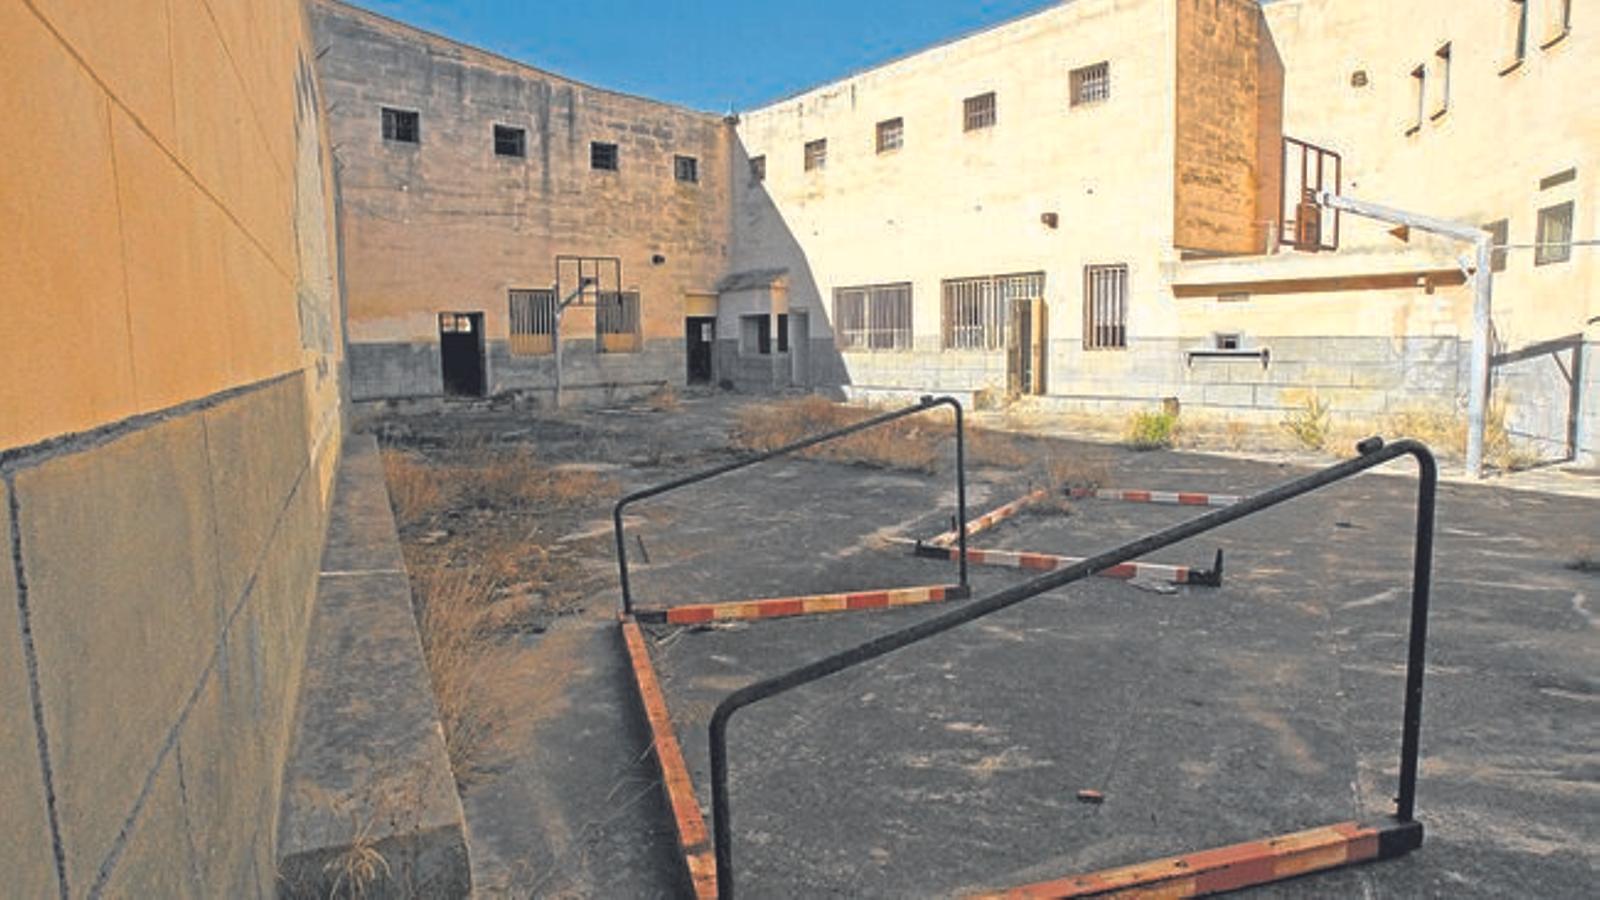 Intoxicats lleus dos homes en un incendi a l'antiga presó de Palma